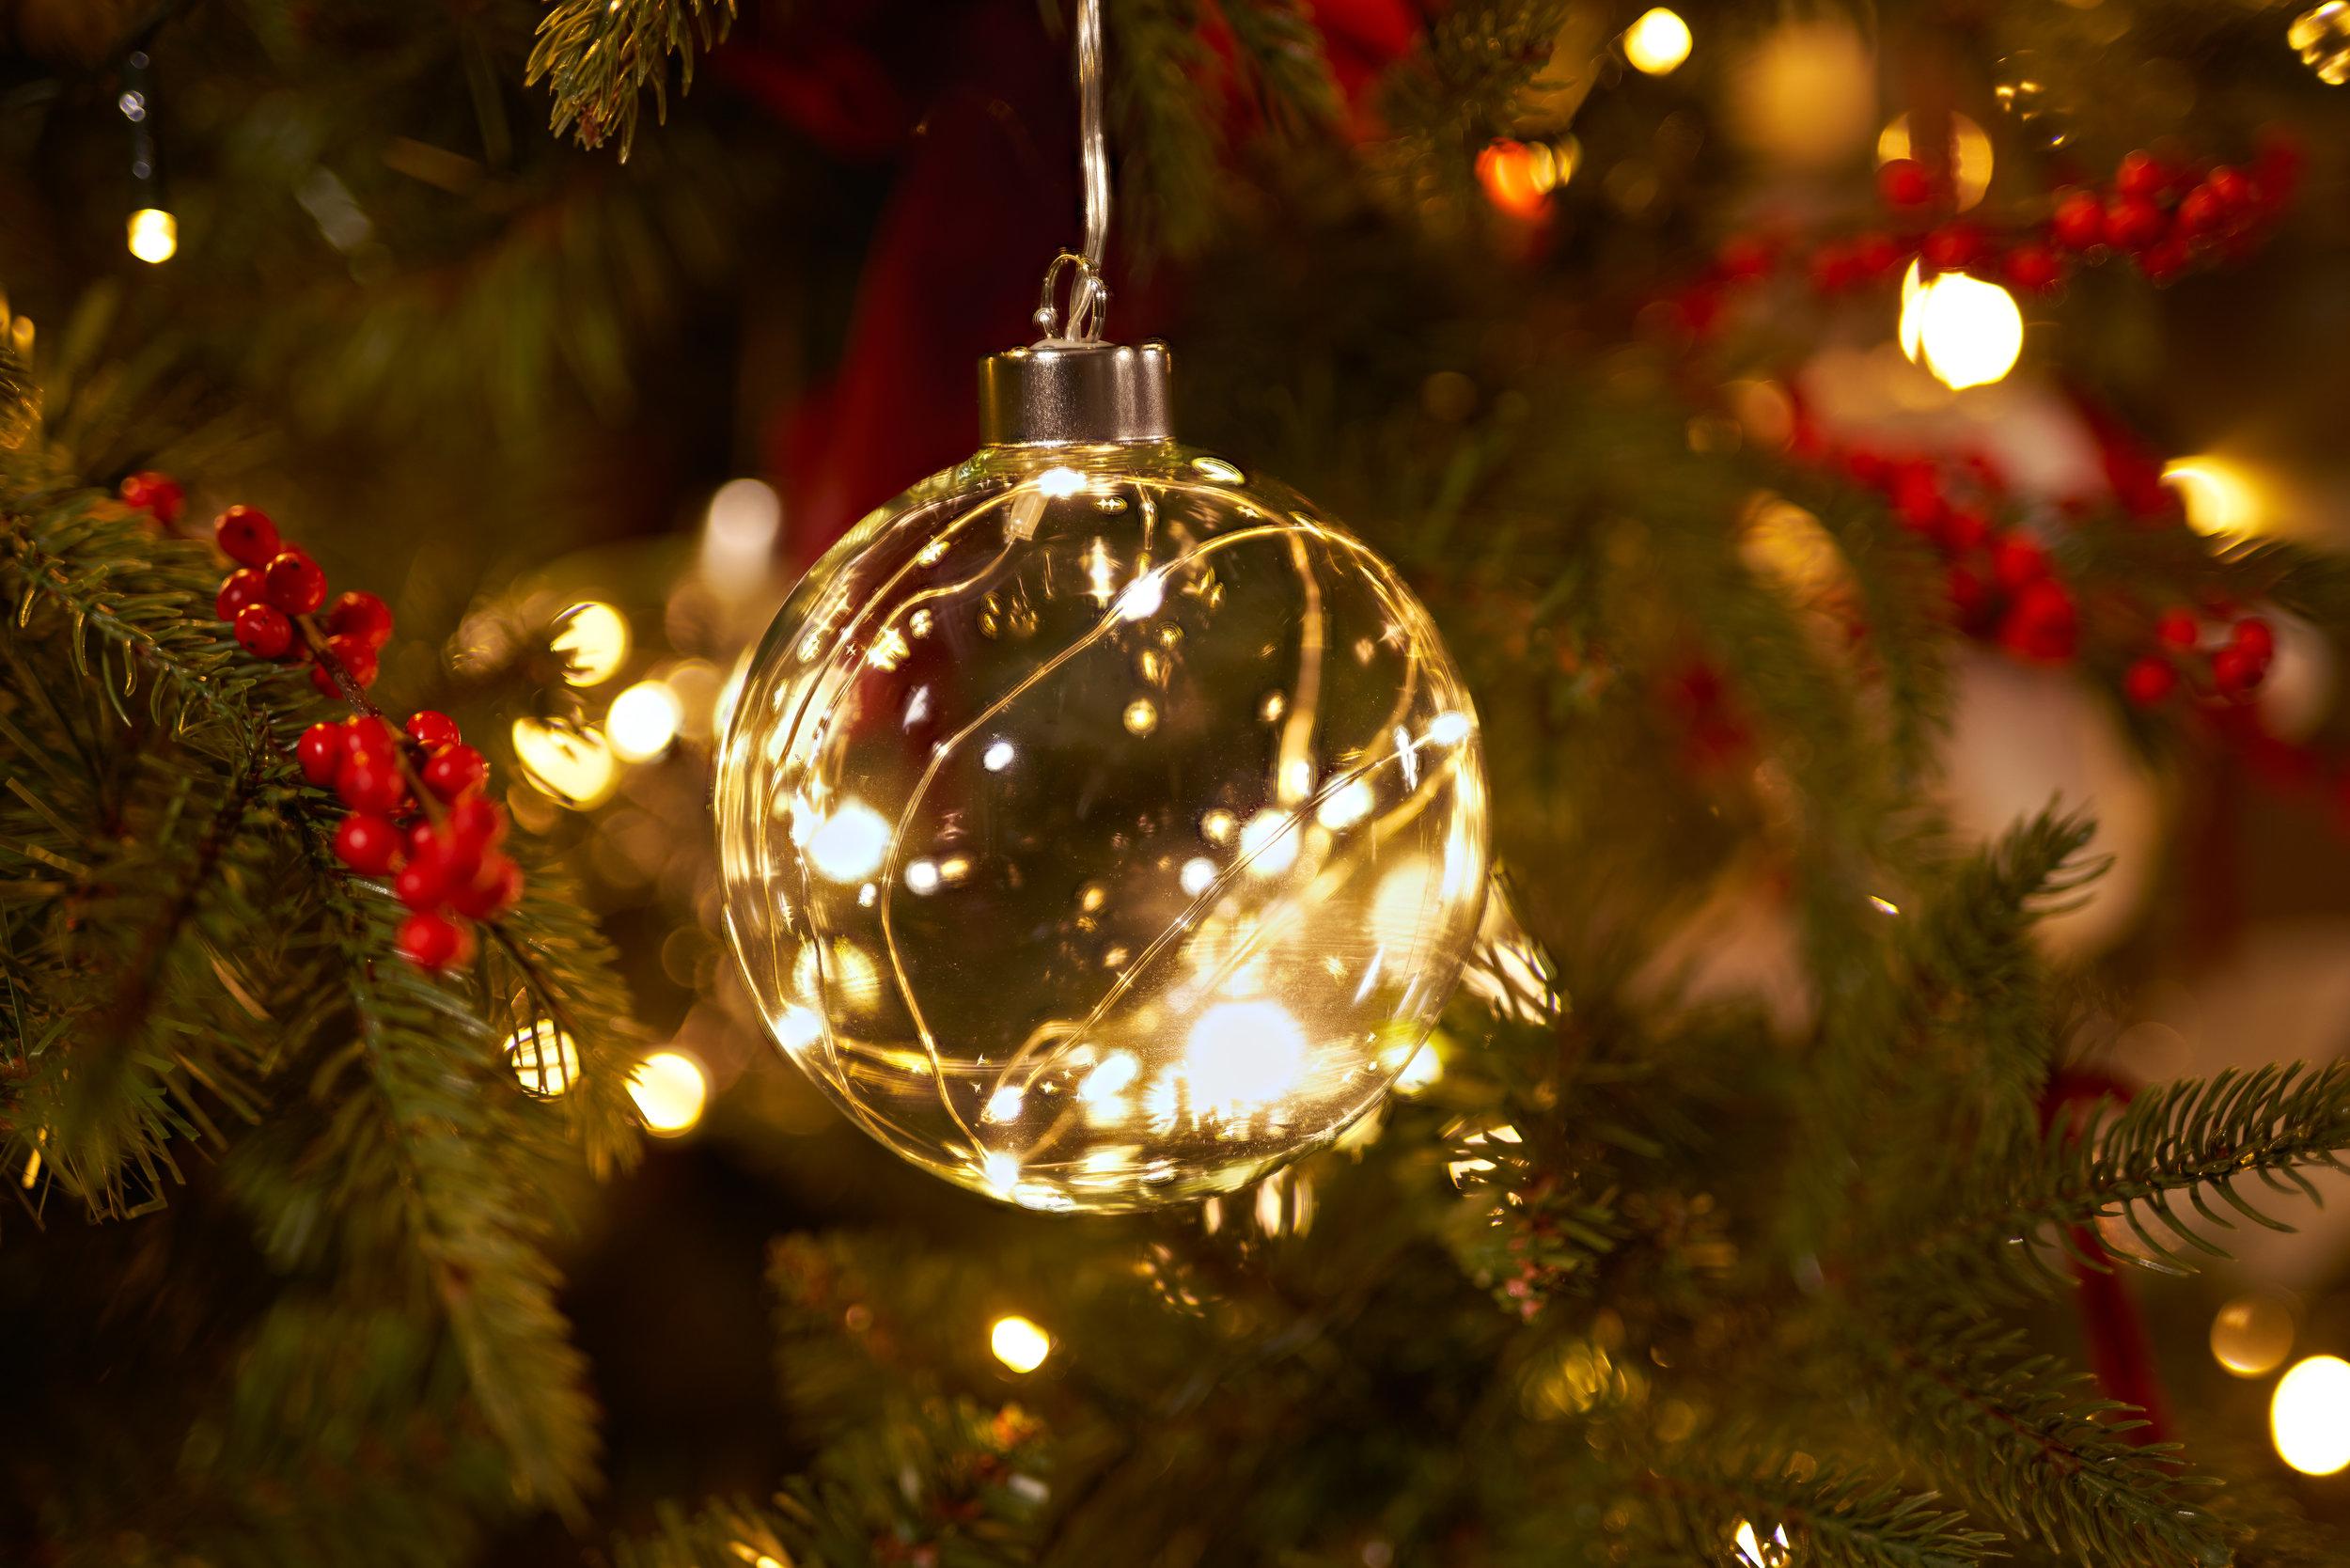 Lighting Bauble Dec 4000px.jpg